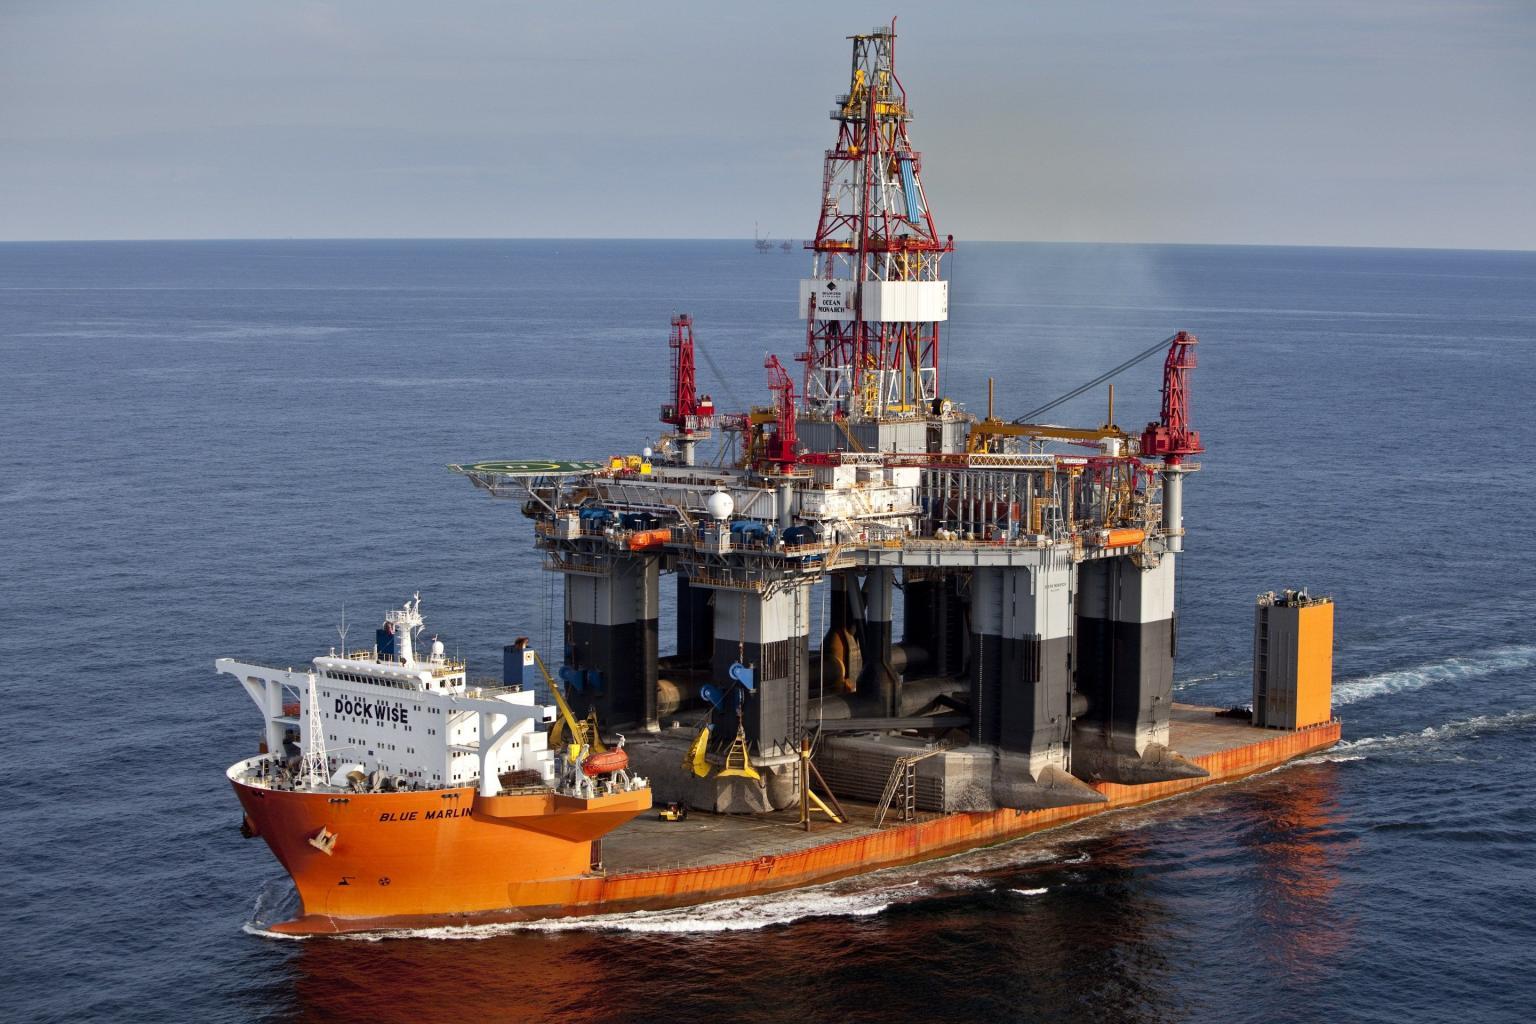 Multinacional de Recrutamento e Seleção inicia cadastro de currículo para vagas offshore, hoje 31 de março